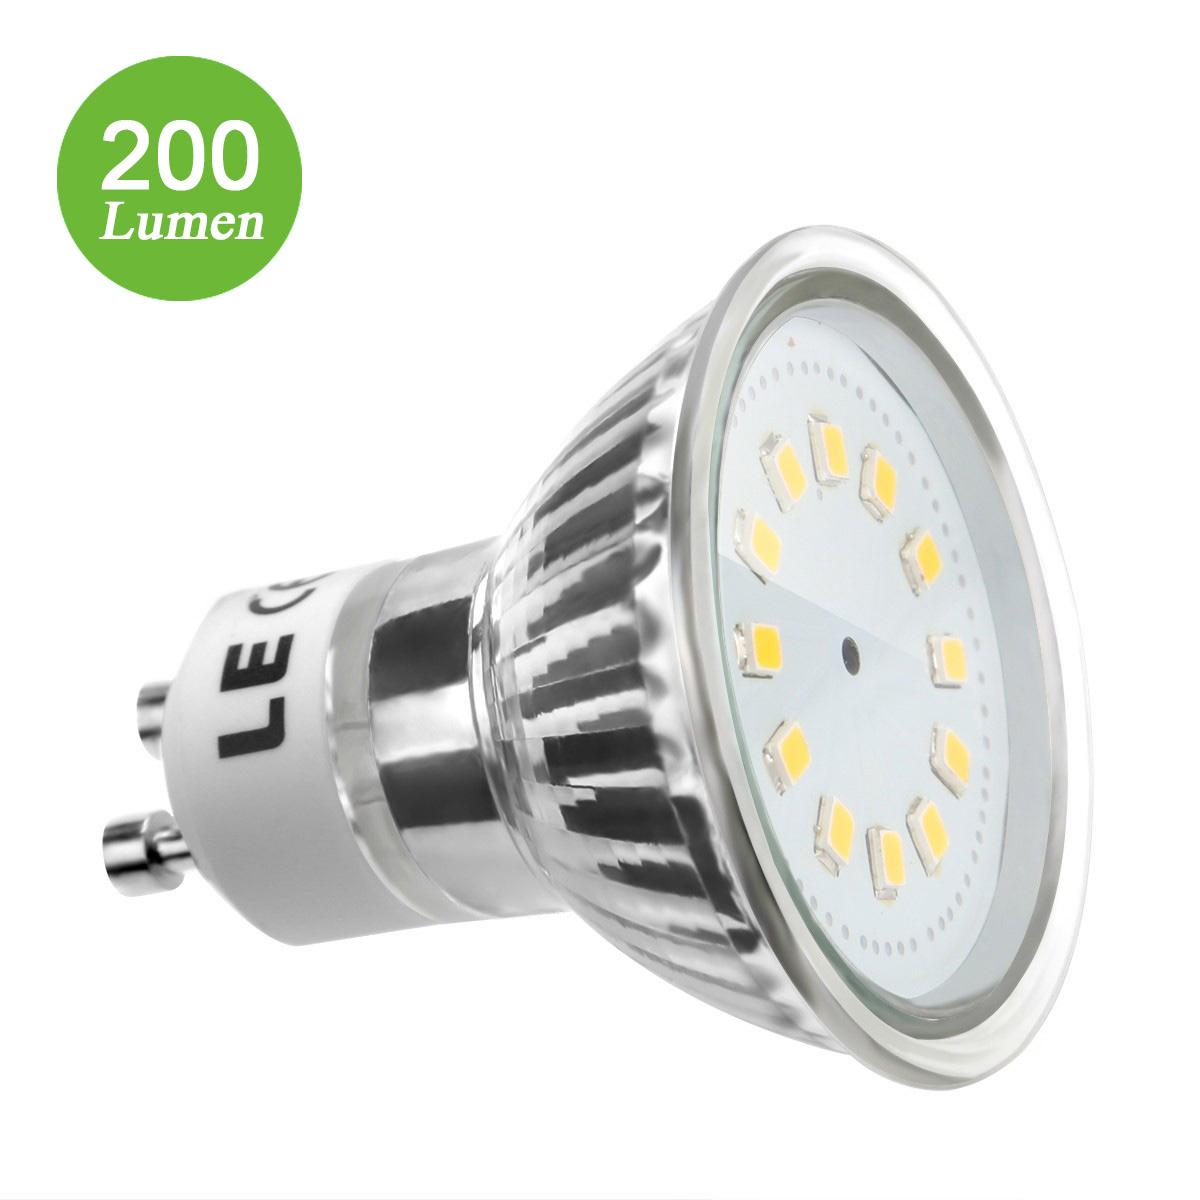 2,5W GU10 Fassung, MR16 200lm LED Strahler, Ersatz für 35W Halogenlampe, Warmweiß